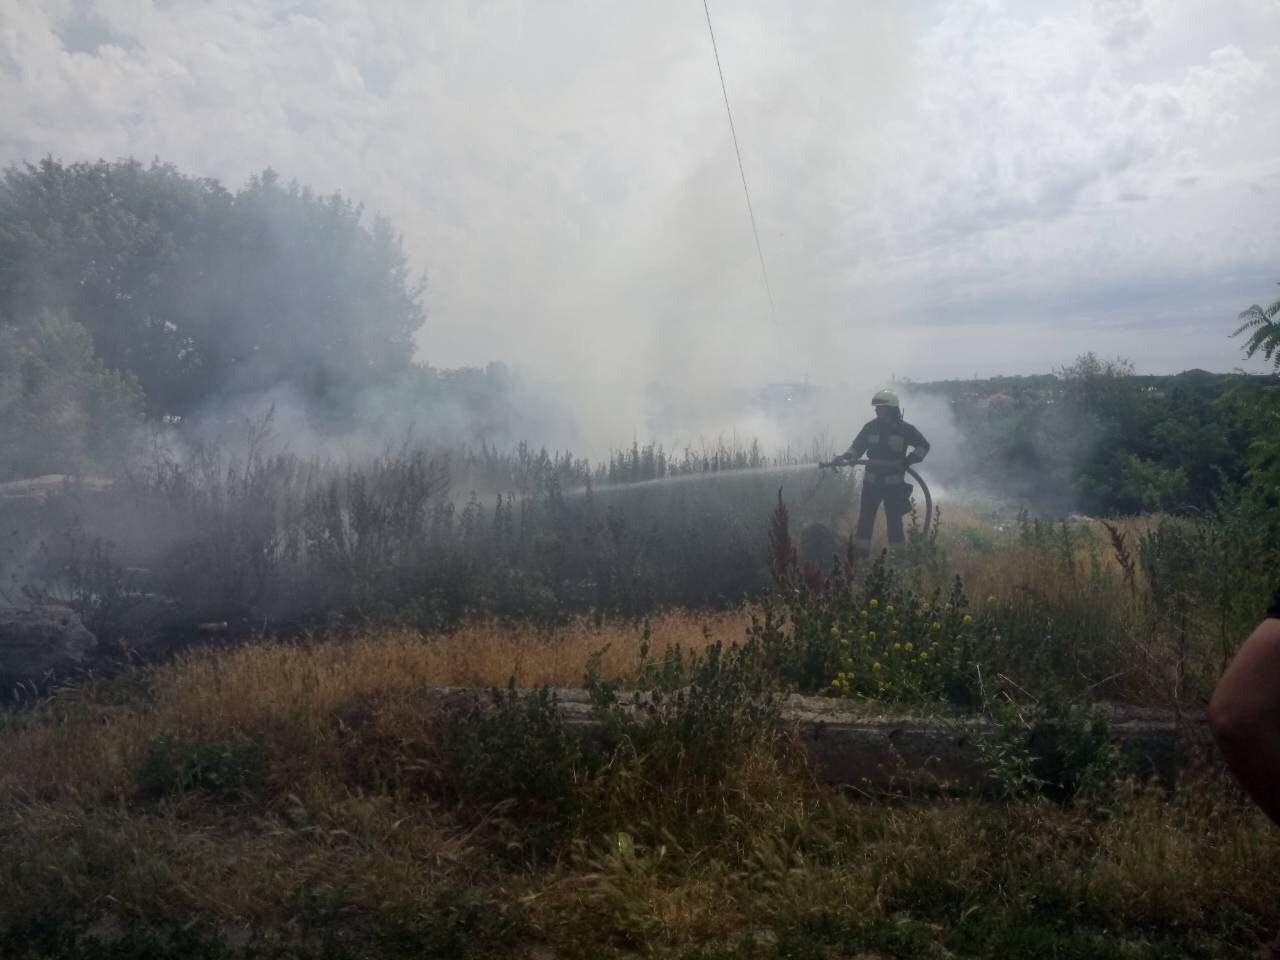 В Днепре горела крупная свалка: пожар тушили около 3-х часов, - ФОТО, фото-2